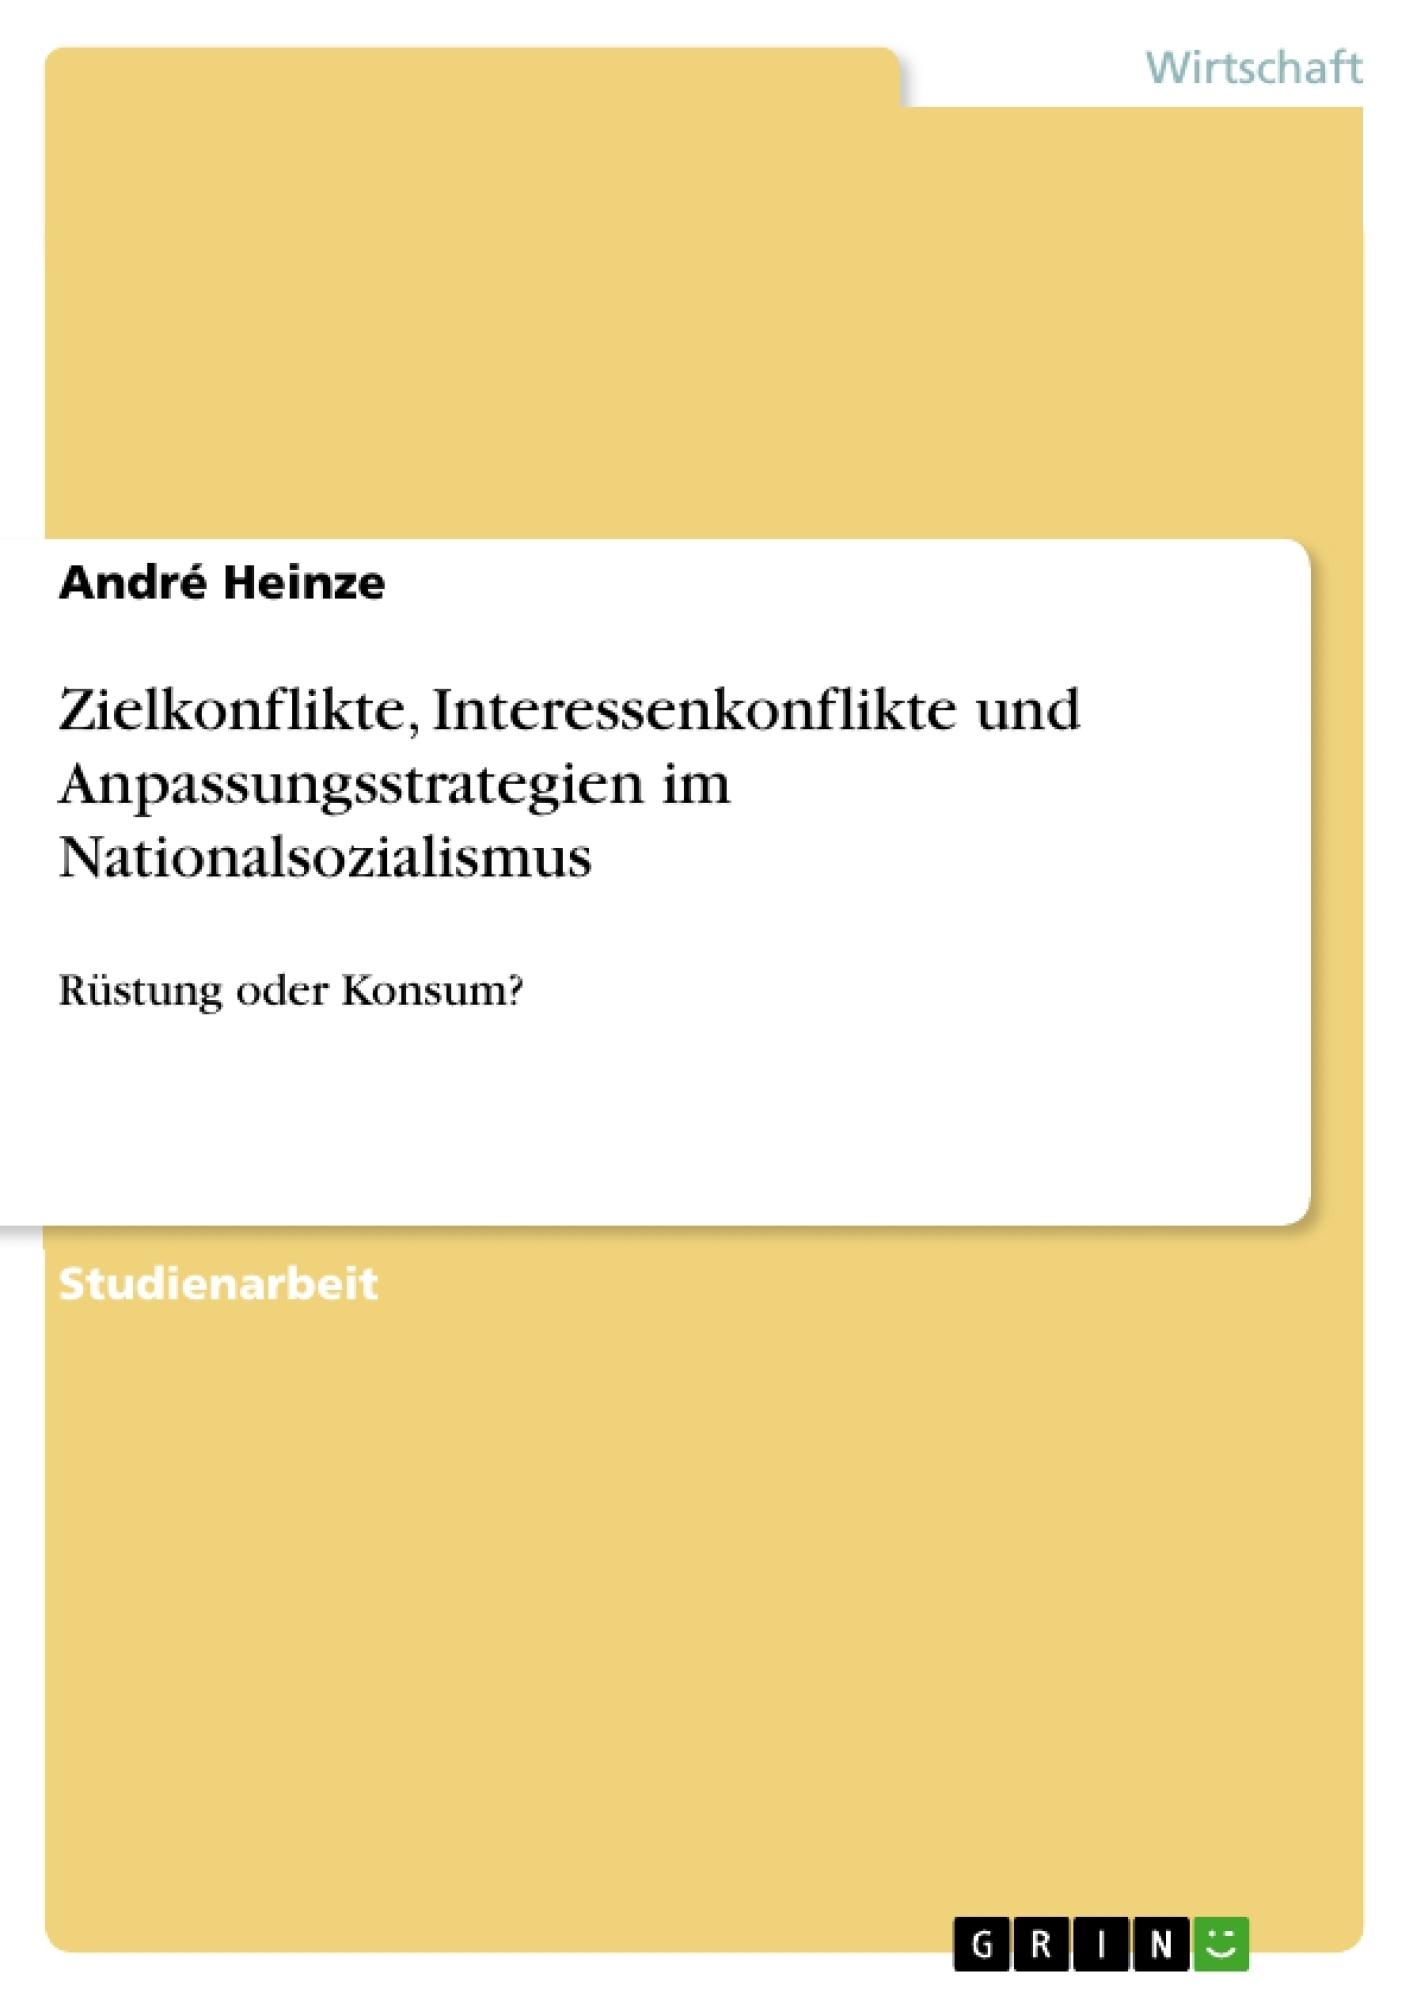 Titel: Zielkonflikte, Interessenkonflikte und Anpassungsstrategien im Nationalsozialismus